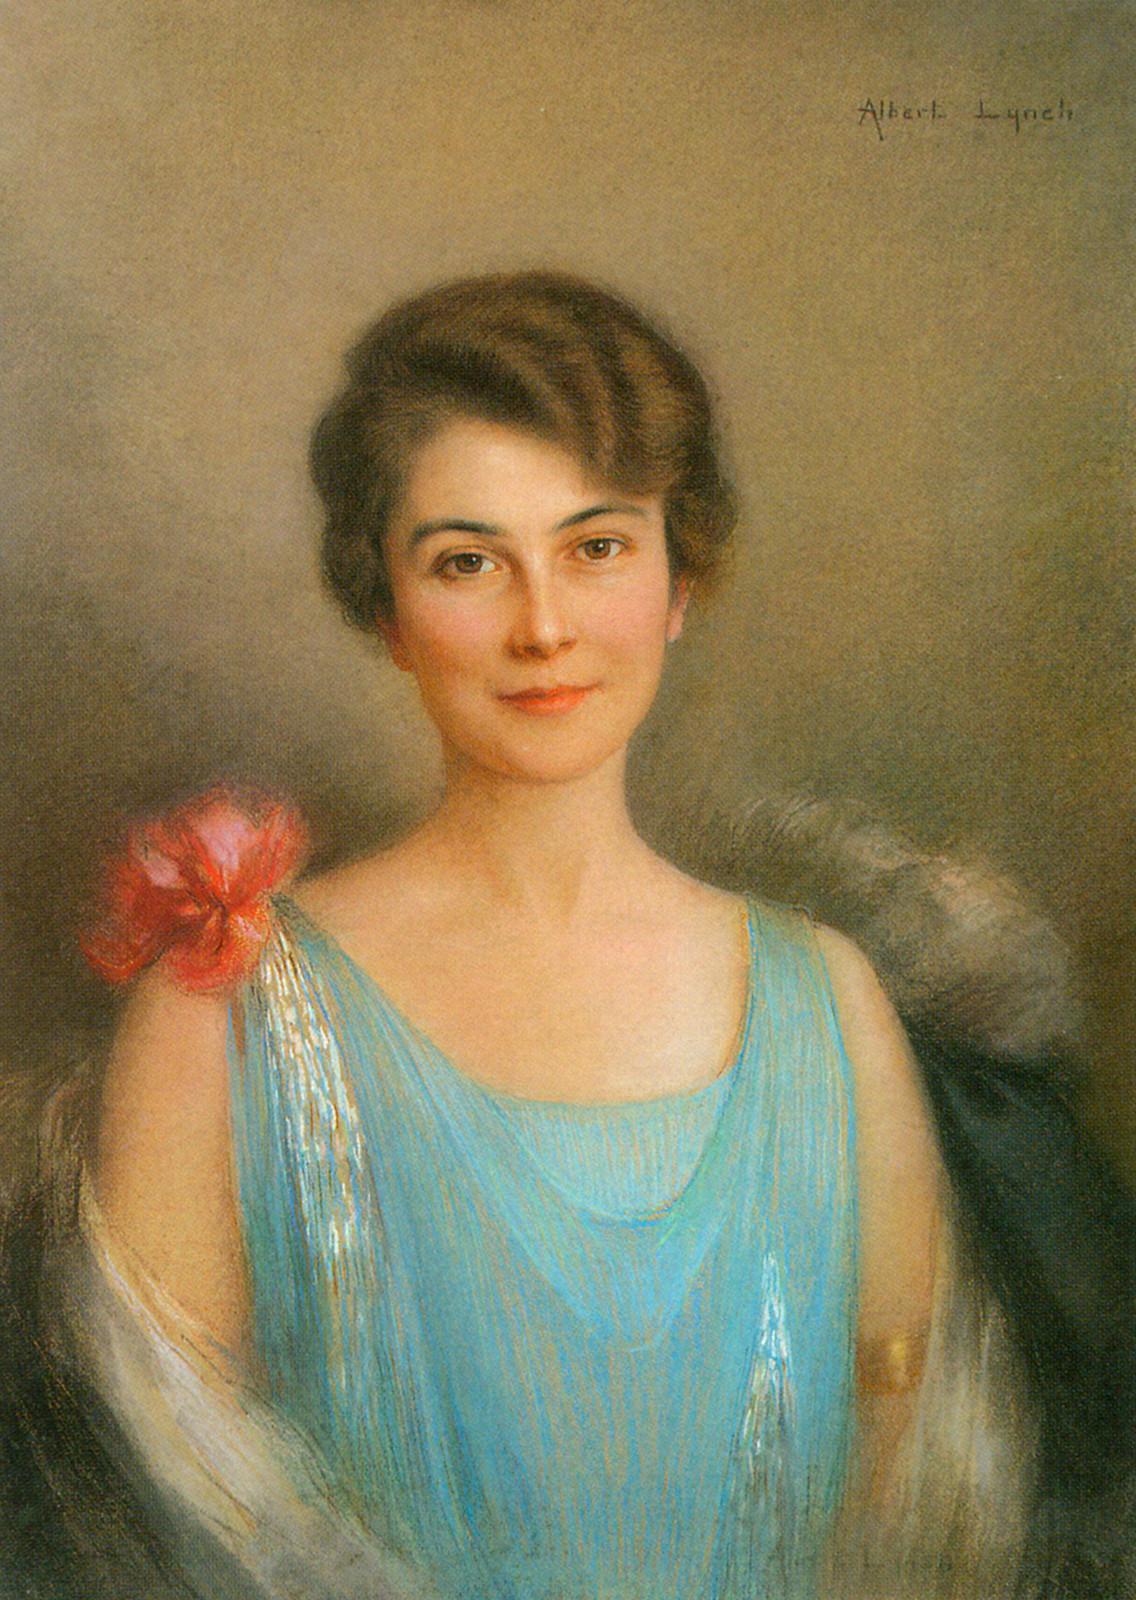 Portrait Of A Lady In Blue by Albert Lynch